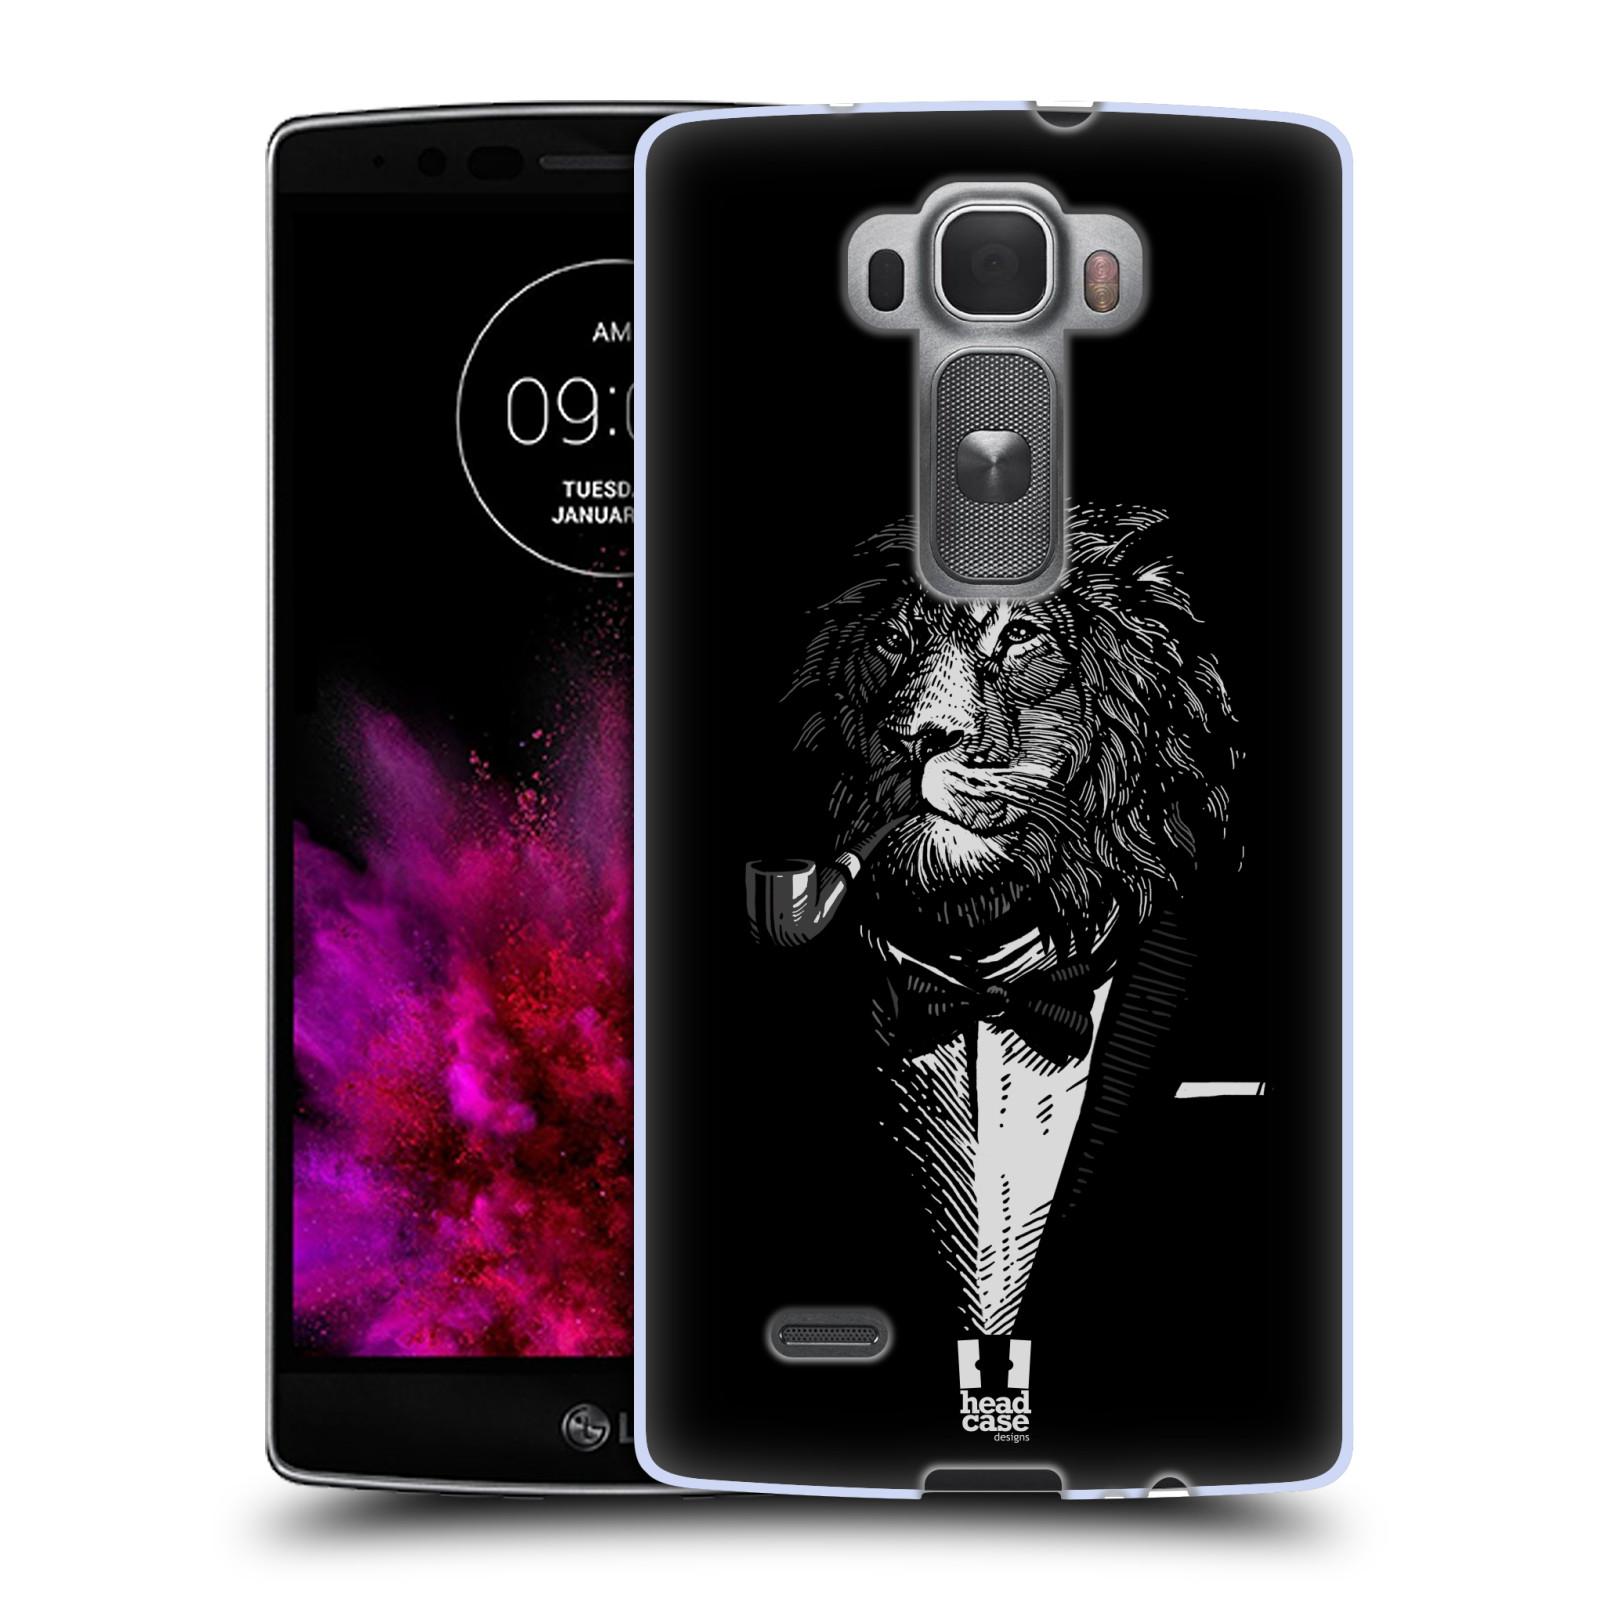 Silikonové pouzdro na mobil LG G Flex 2 HEAD CASE LEV V KVÁDRU (Silikonový kryt či obal na mobilní telefon LG G Flex 2 H955)